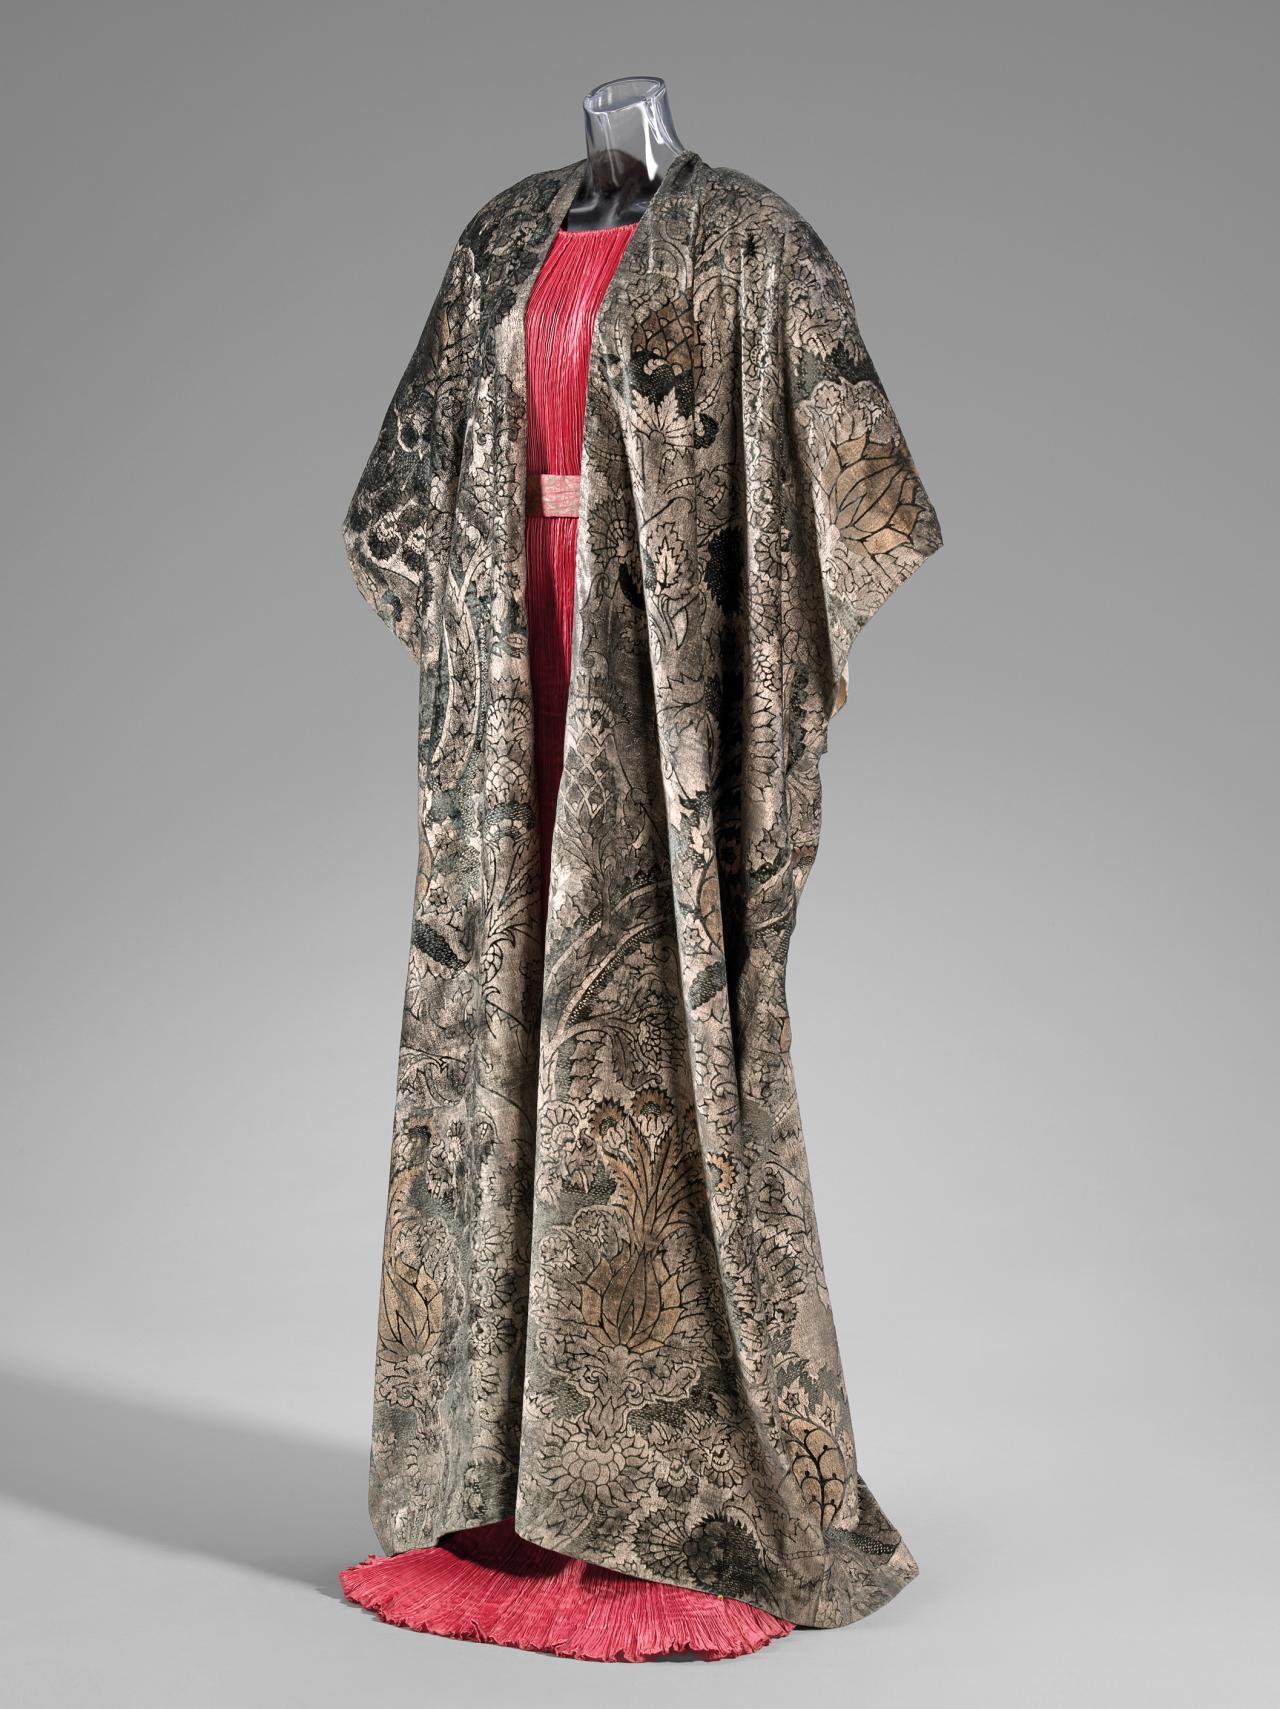 Mariano Fortuny Coat Ngv